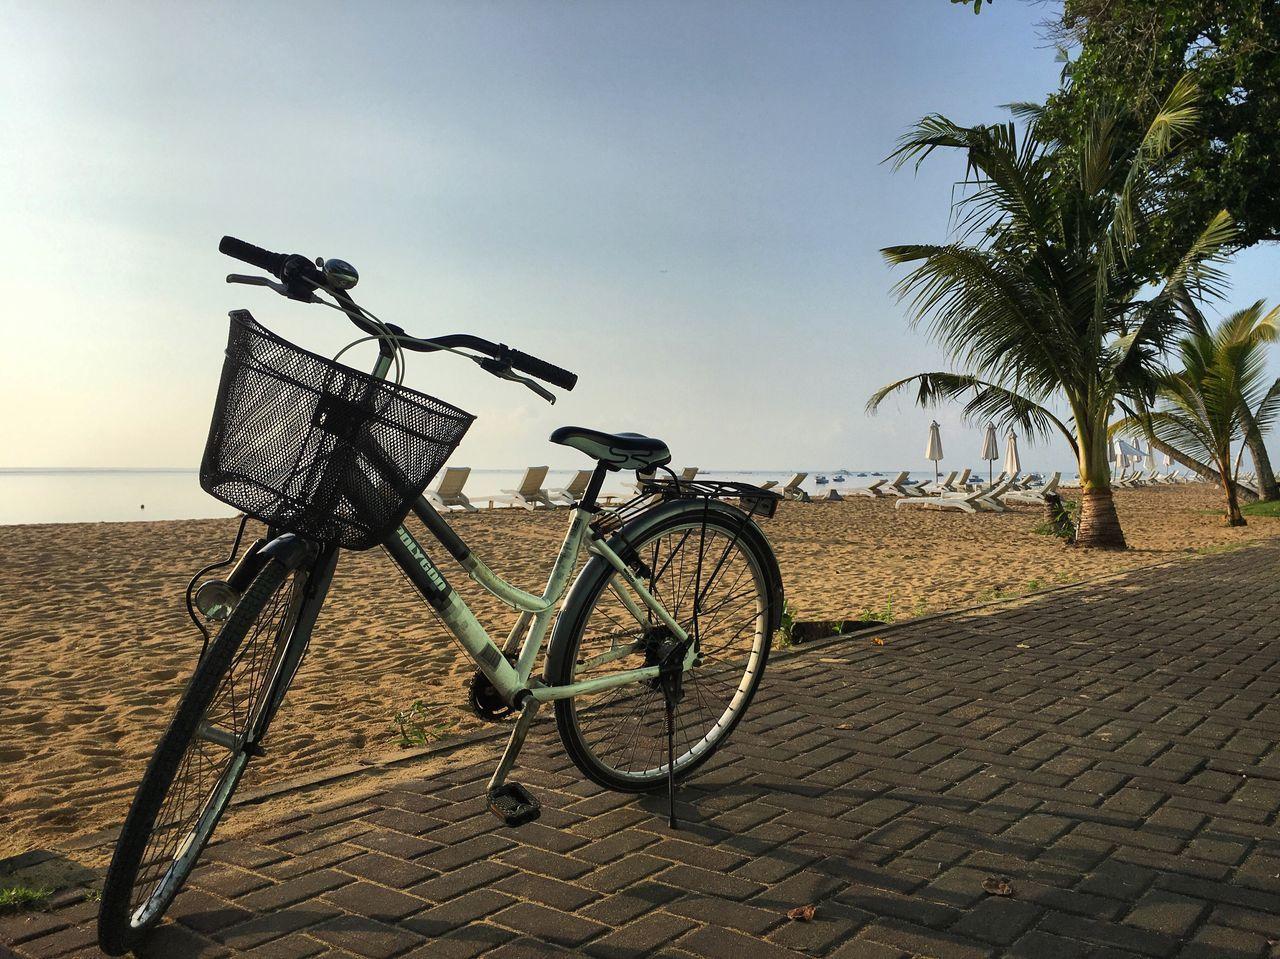 Goodmorning :) Morningactivity Cycling Beach Beachphotography Freedom Enjoying Life Bali Sanur Livethemoment Sunrise Travel Photography